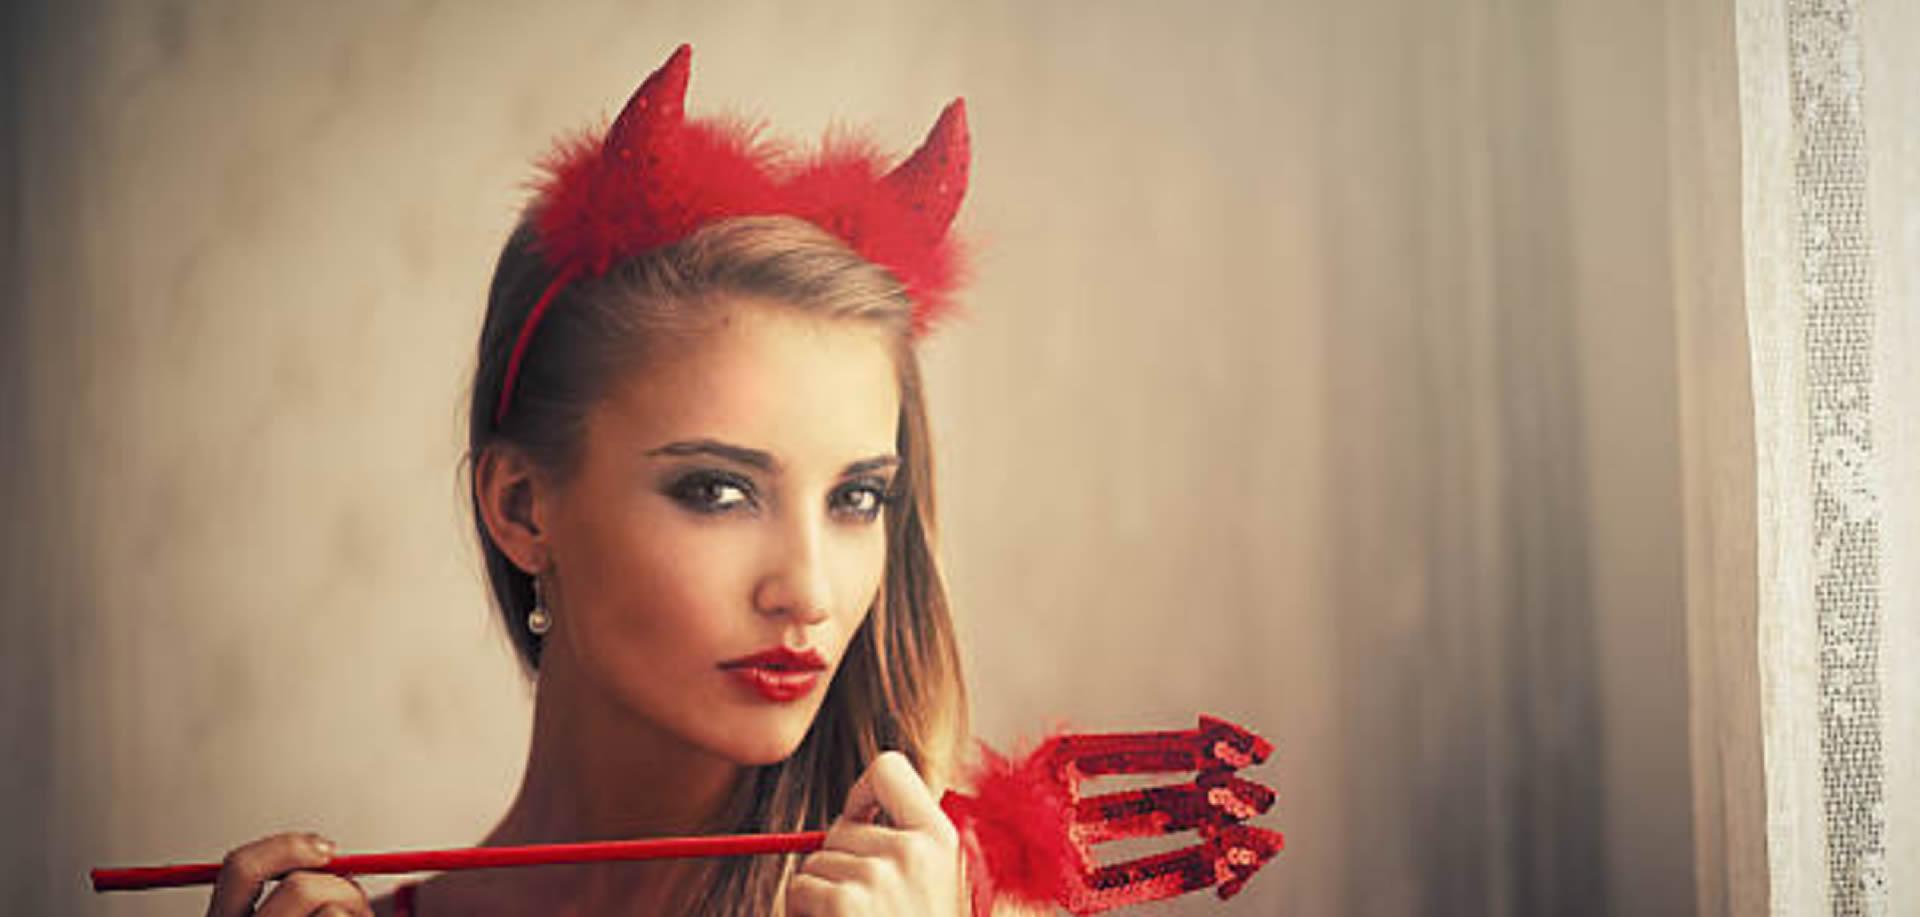 imagen principal de diablos y muerte